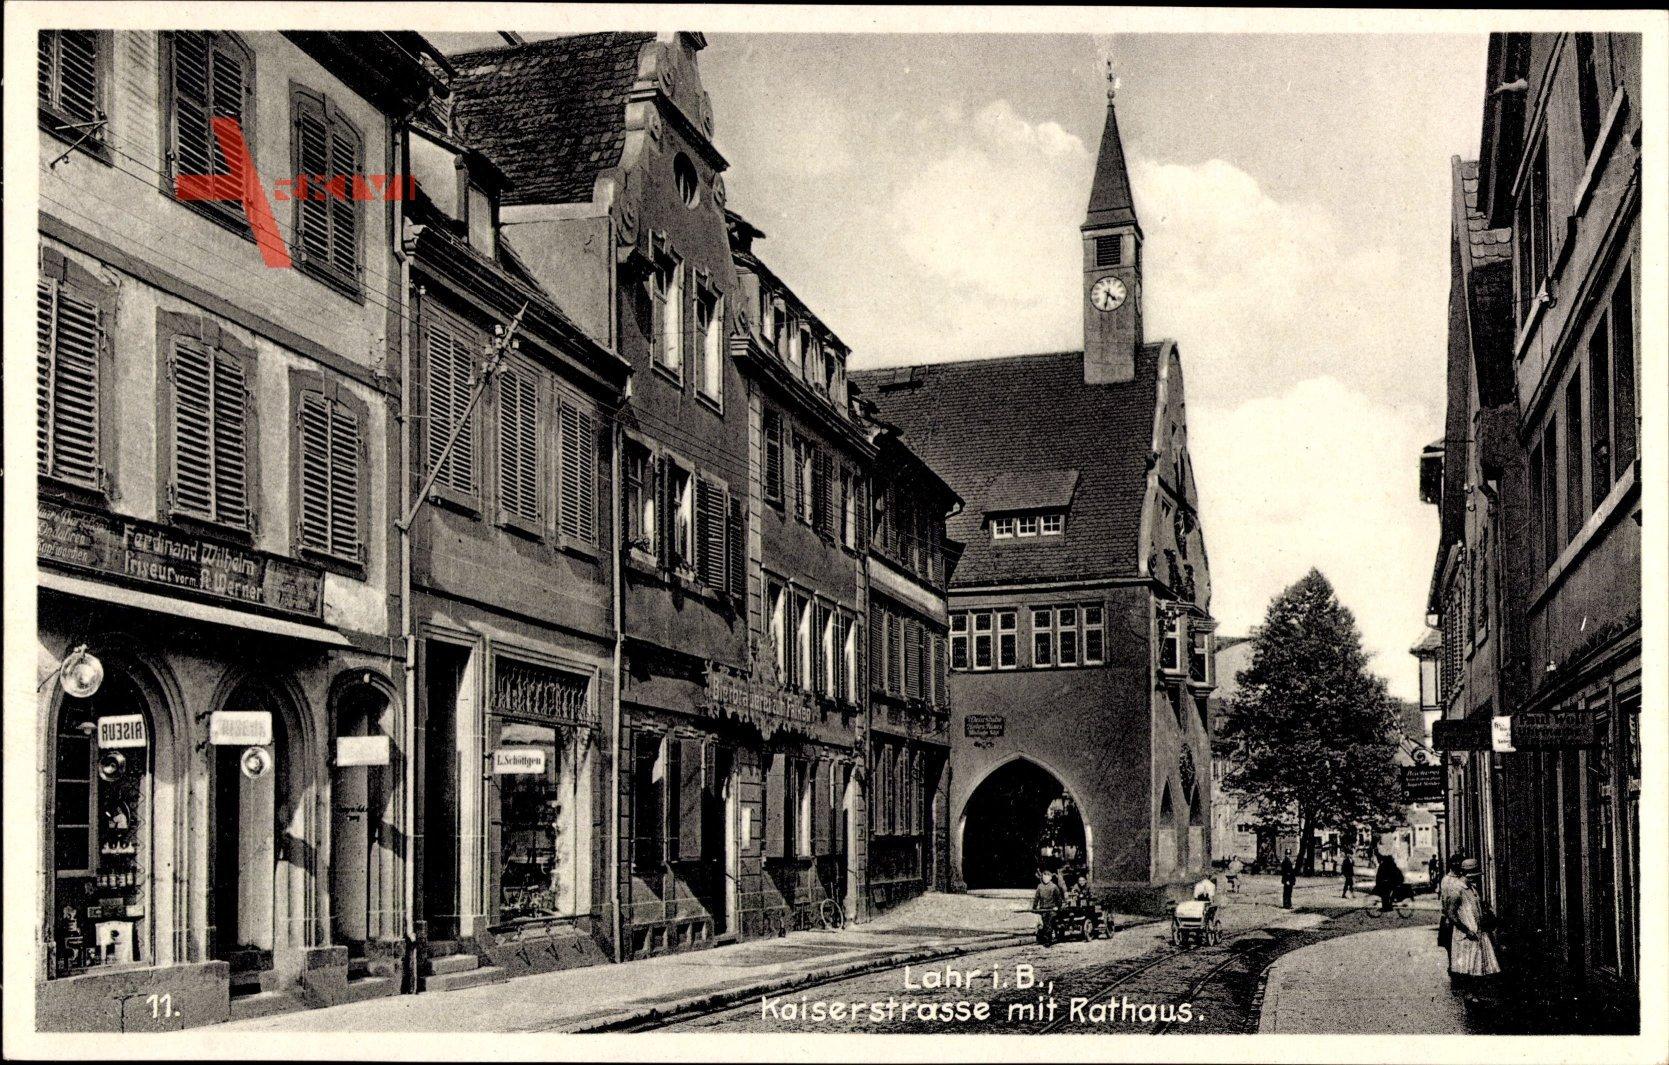 Lahr Im Schwarzwald Ortenaukreis Kaiserstrasse Mit Rathaus Friseur